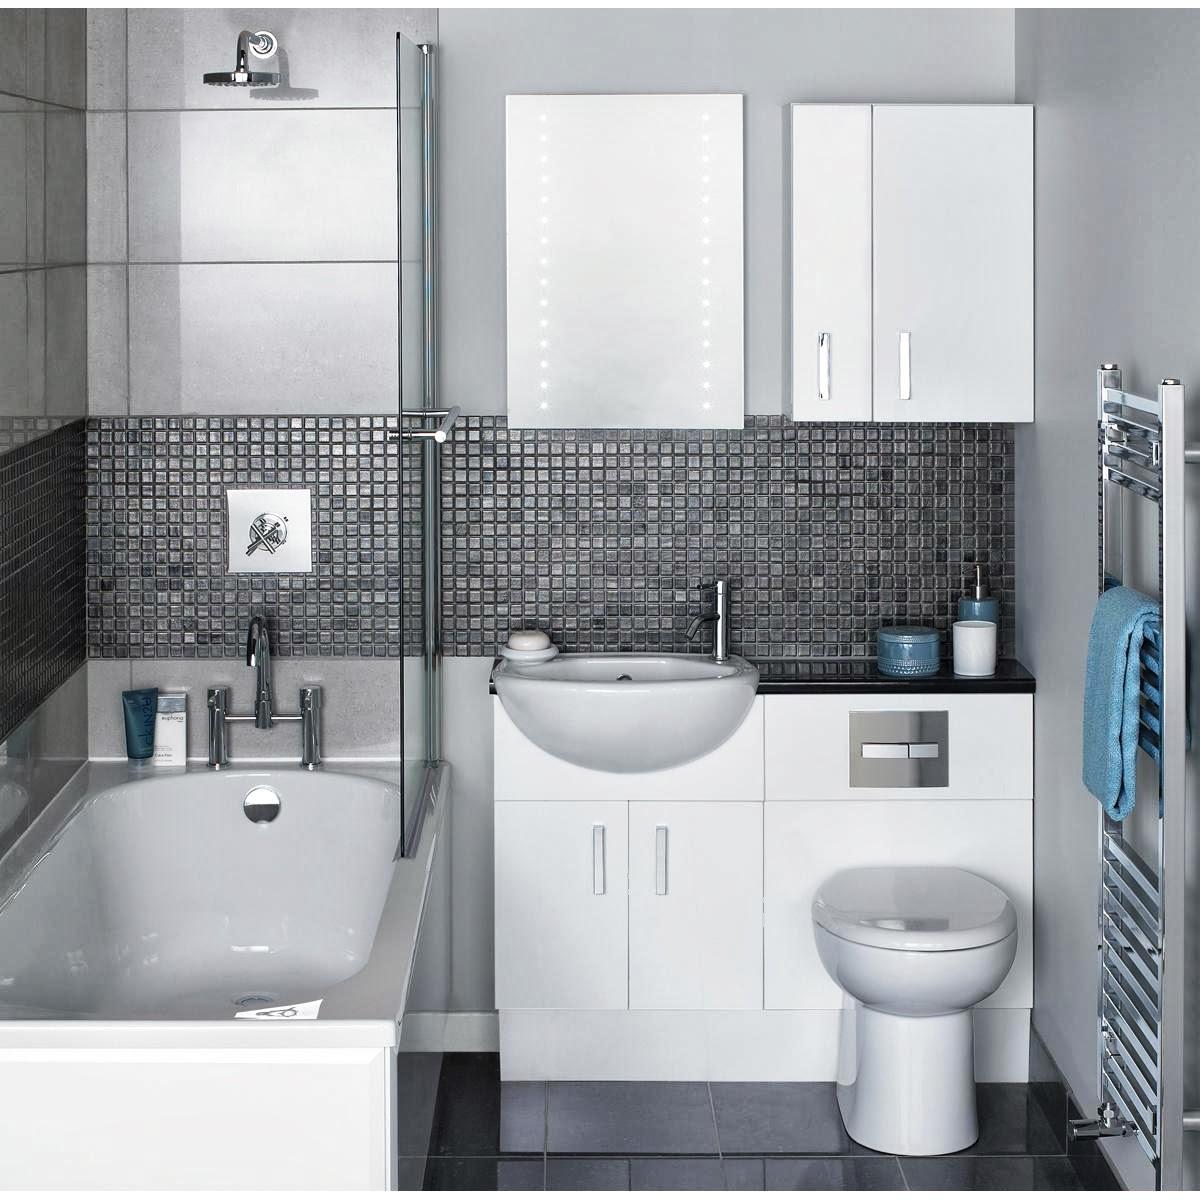 baños-pequeños